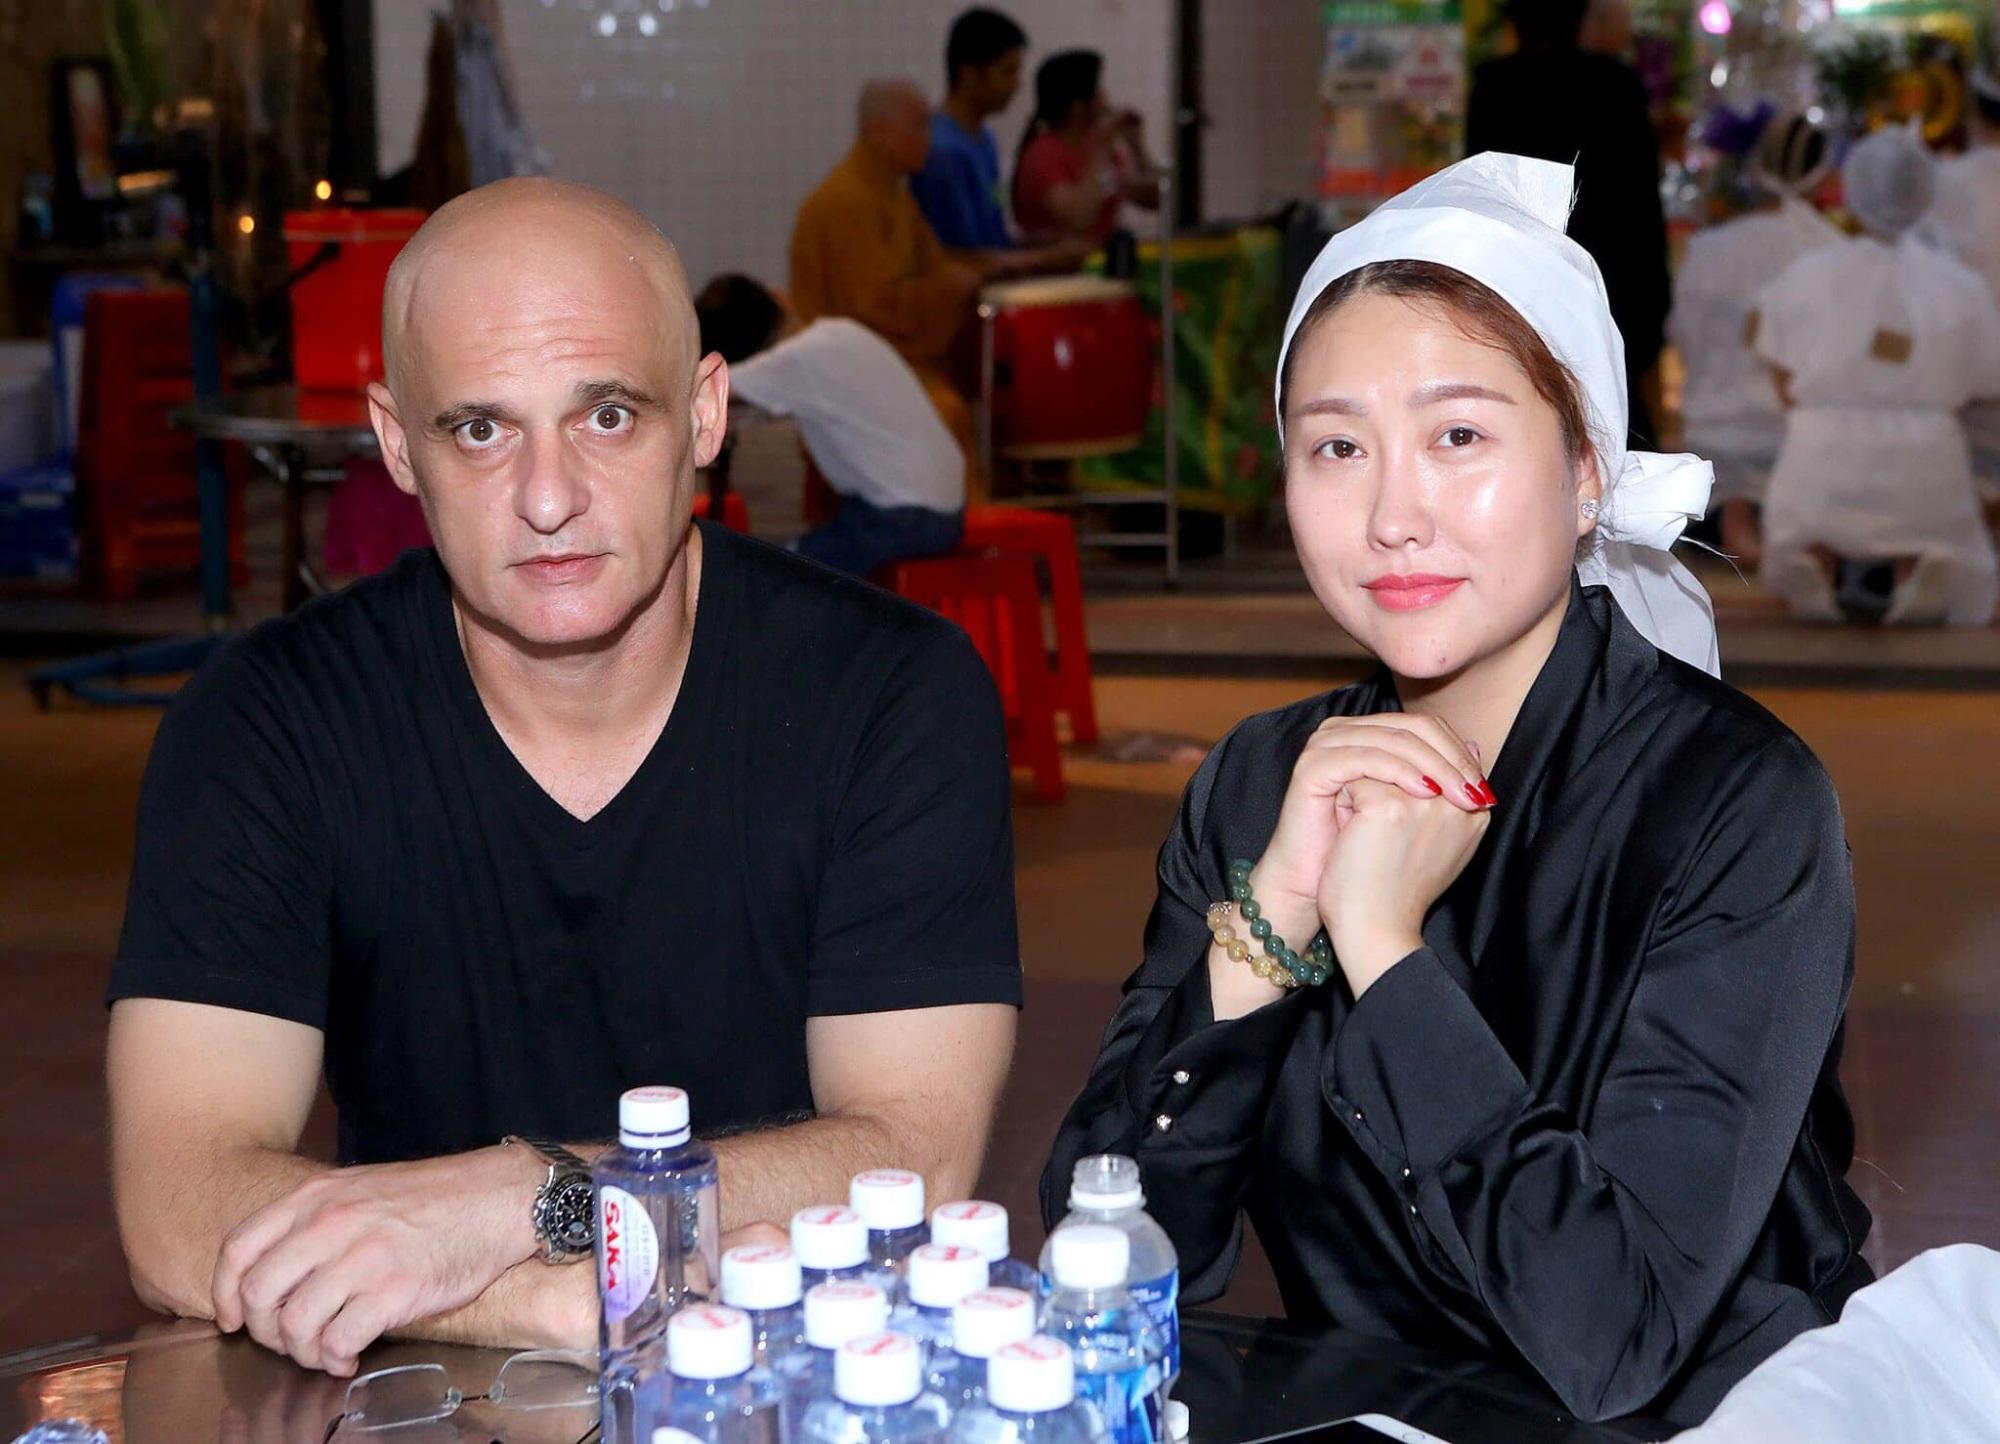 Chồng cũ để lại tài sản giúp Phi Thanh Vân làm giàu bất ngờ xuất hiện ở tang lễ bố vợ - Ảnh 4